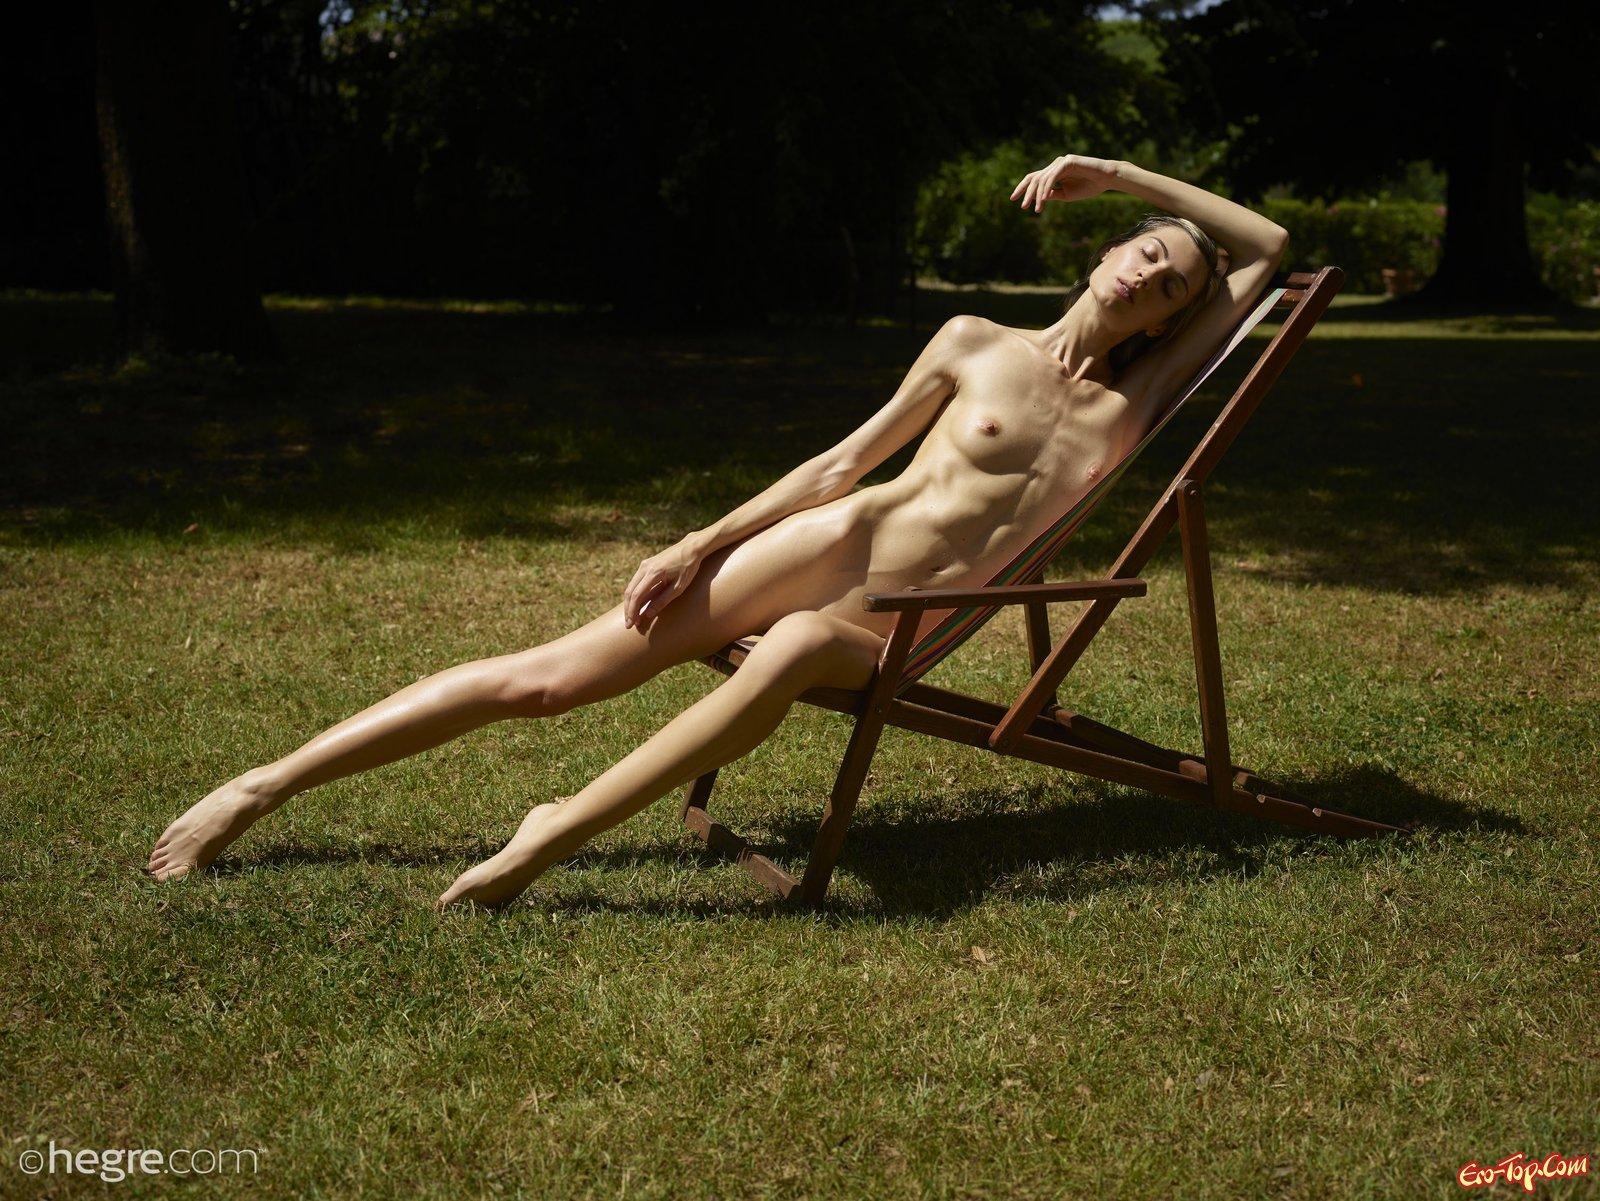 Раздетая худая блондинка балдеет на солнце